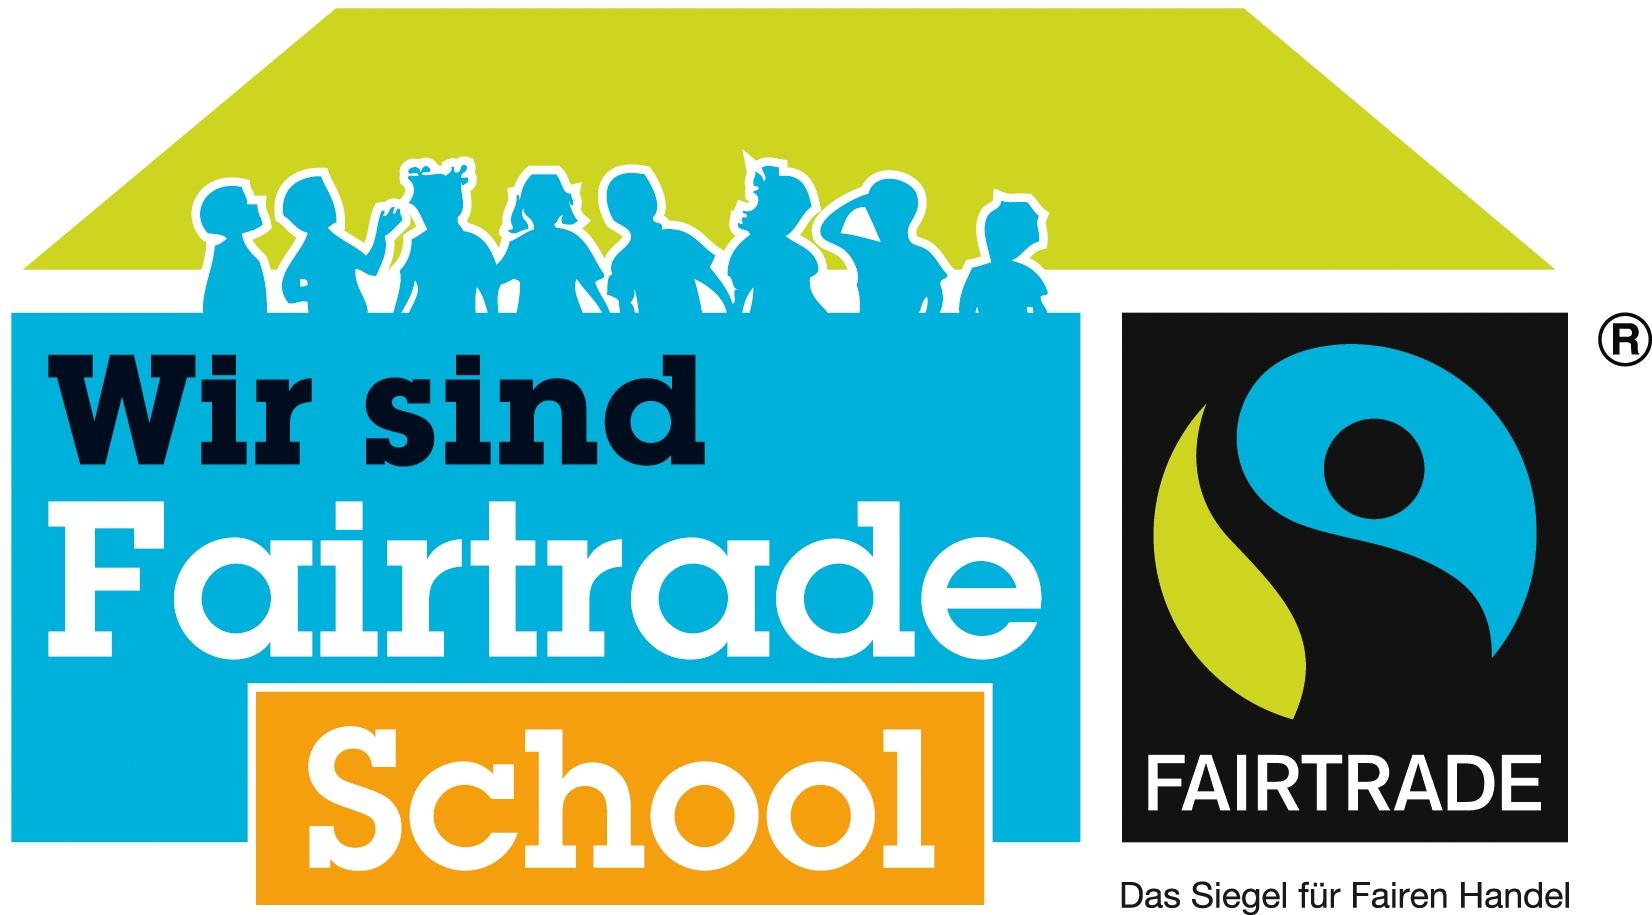 Wir haben die Rezertifizierung zur FAIRTRADE SCHOOL geschafft!